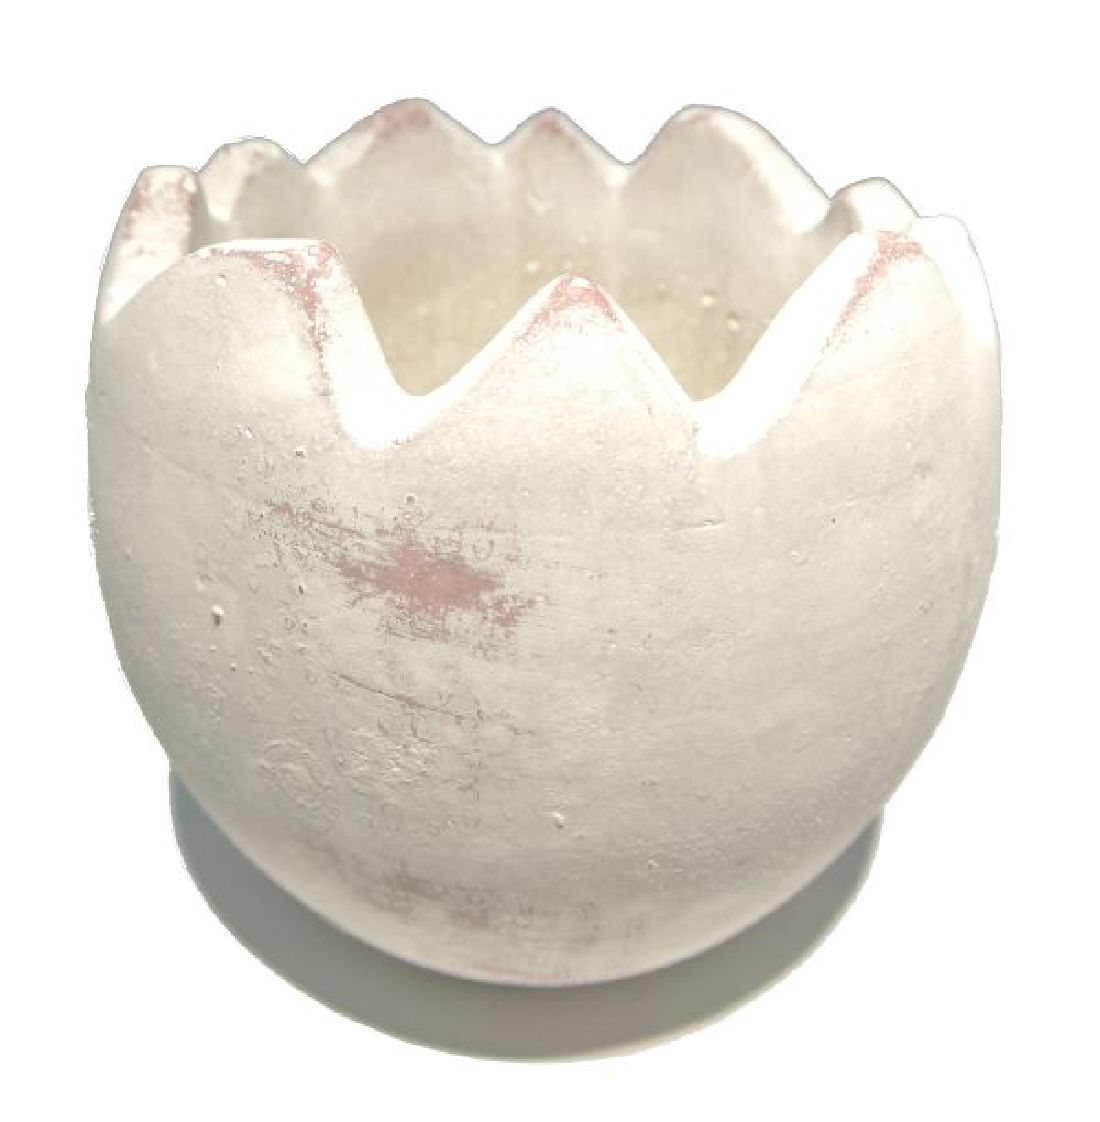 Ei gebrochen Keramik 24194 ANTIK WEISS 14,5x14,5x13,5cm wasserdicht